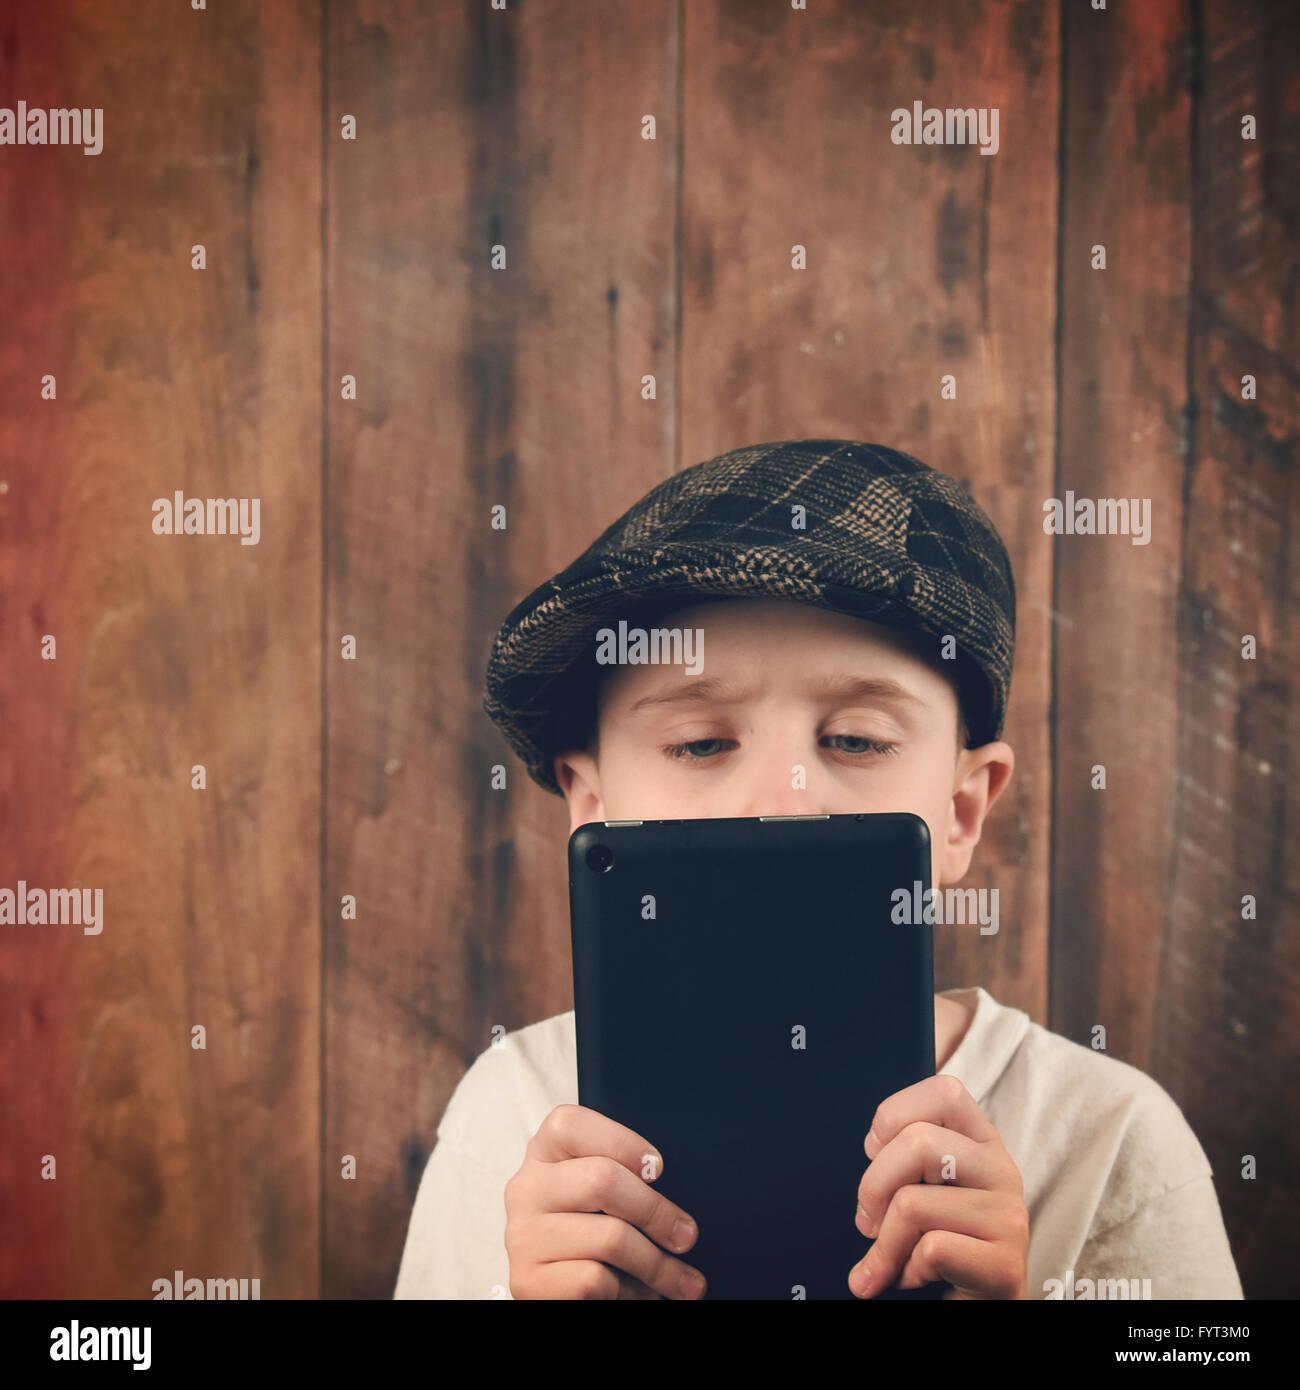 Un ragazzo è in possesso di una tecnologia tablet e la lettura di una schermata. Il bambino ha un vintage hat Immagini Stock